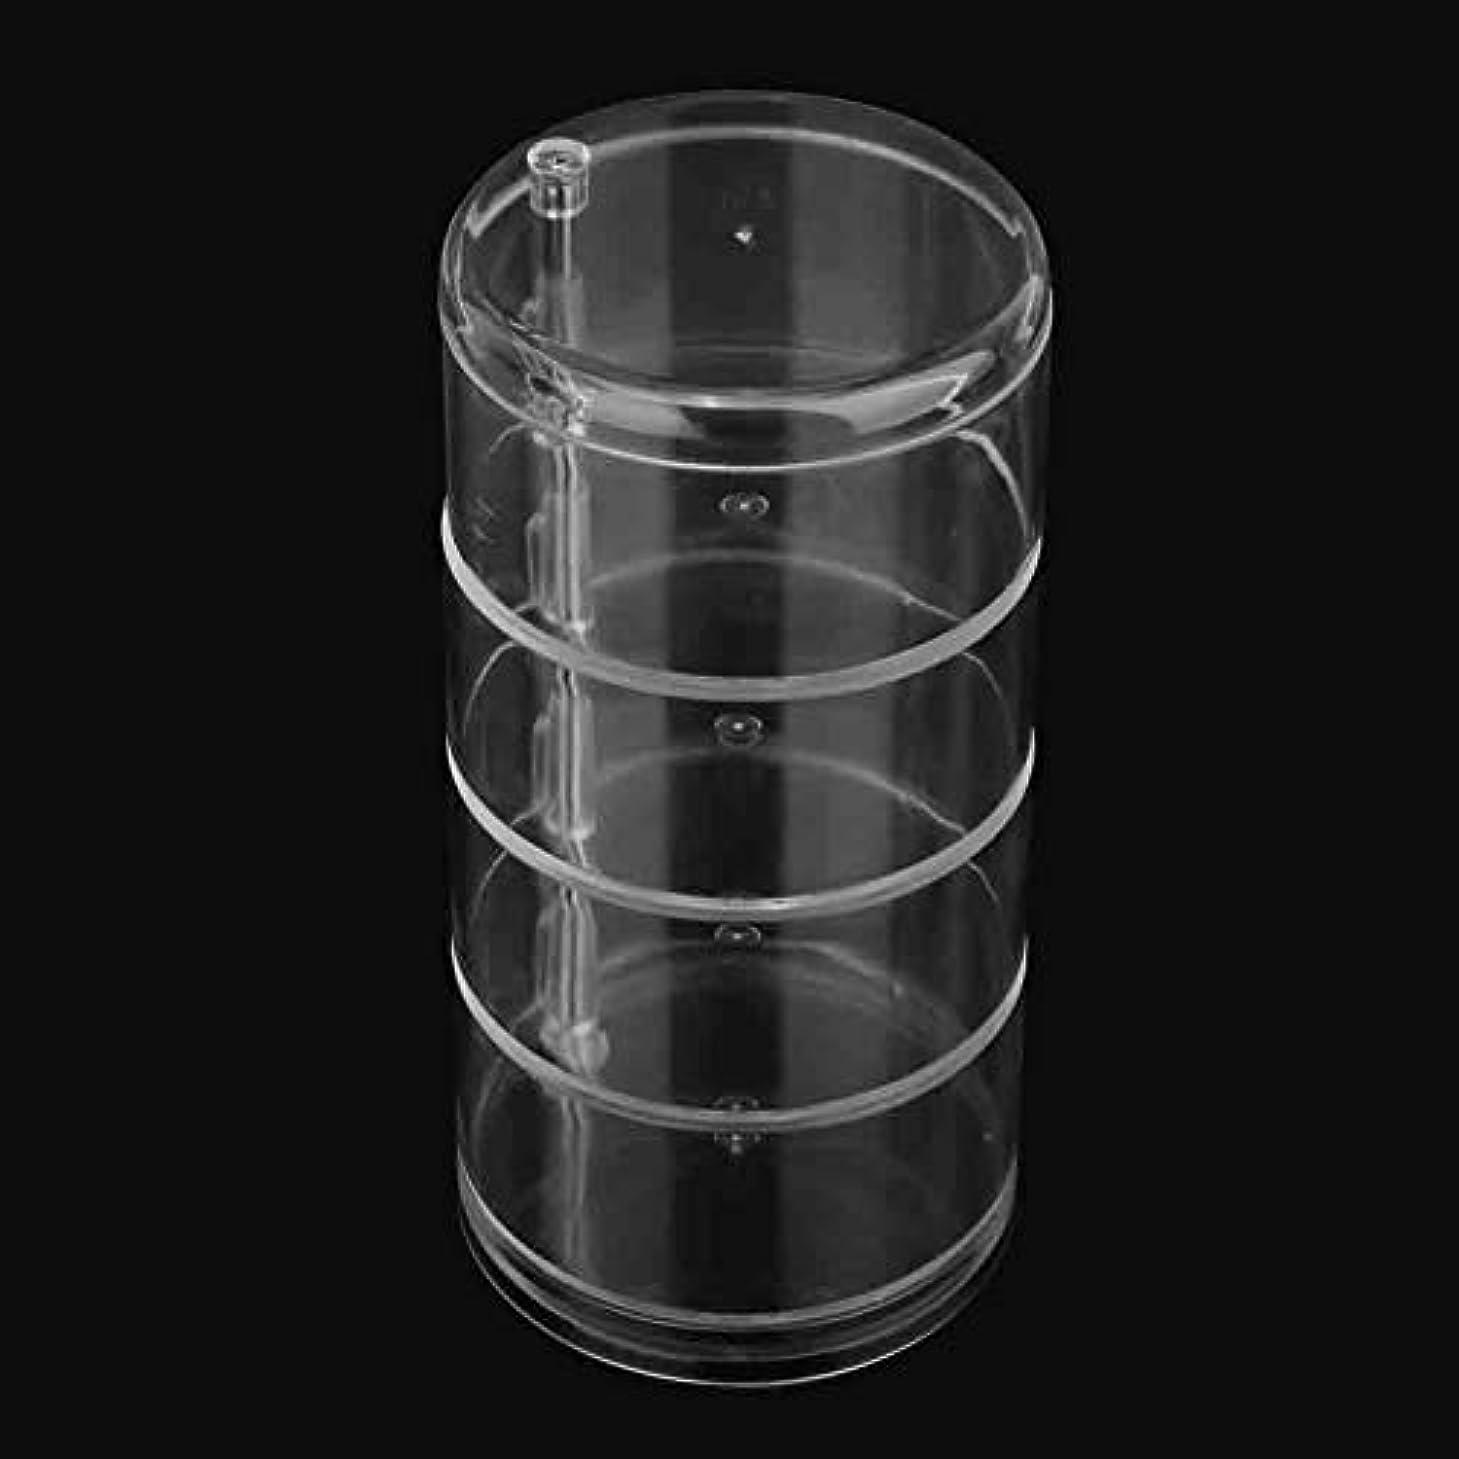 ガイドライン確率ニコチン収納ケース4段アクリルクリア化粧収納ホルダーボックス